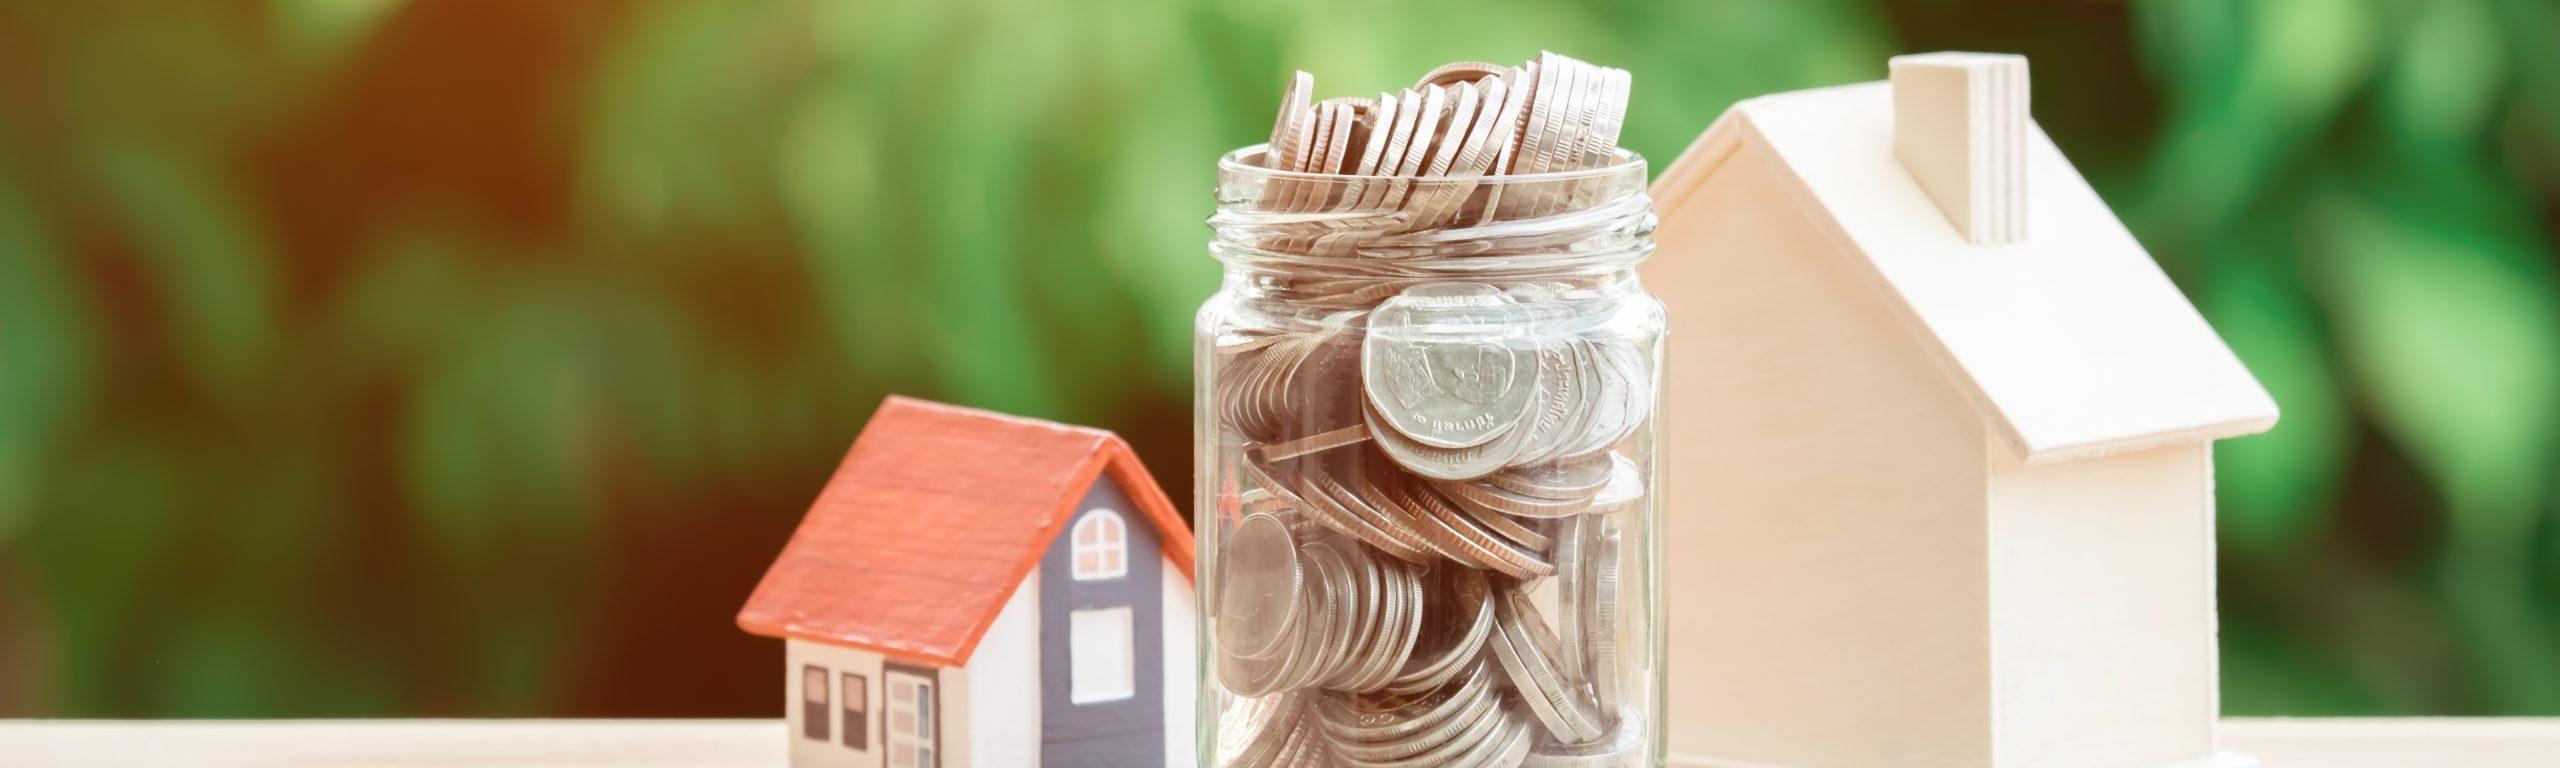 Ein Glas voller Münzen steht zwischen zwei Hausmodellen.